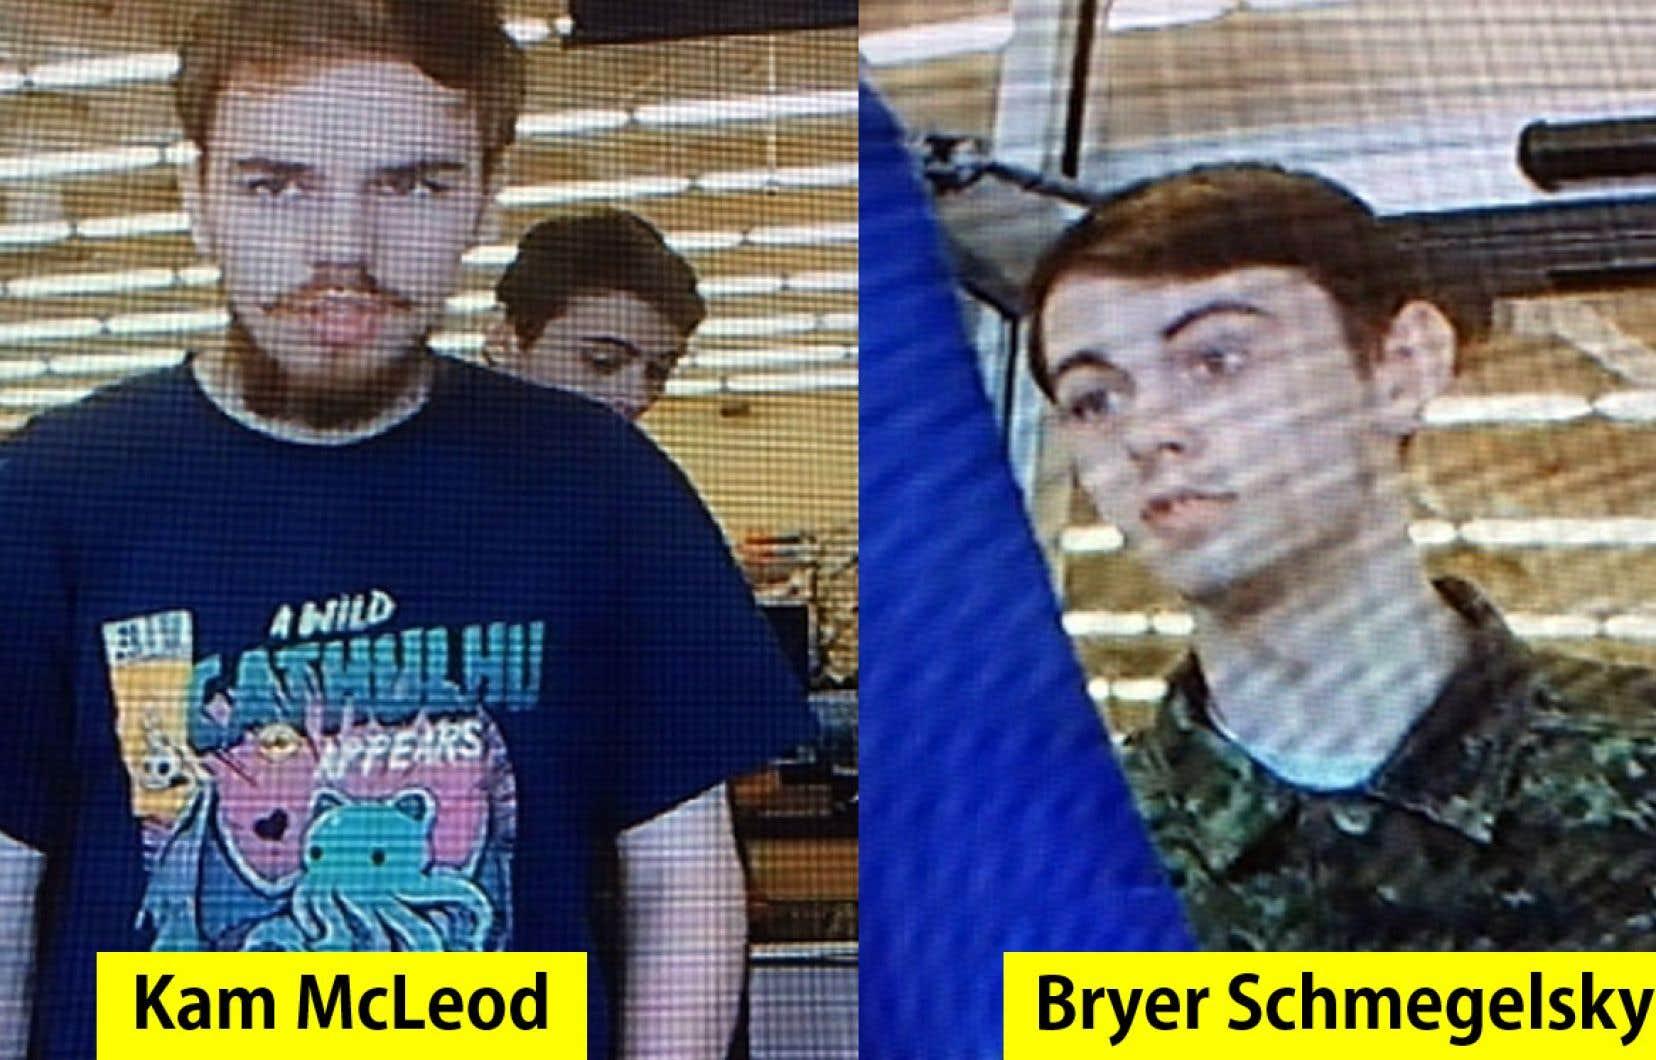 Les deux fugitifs, Kam McLeod et Bryer Schmegelsky, sont suspectés de meurtres commis en Colombie-Britannique.